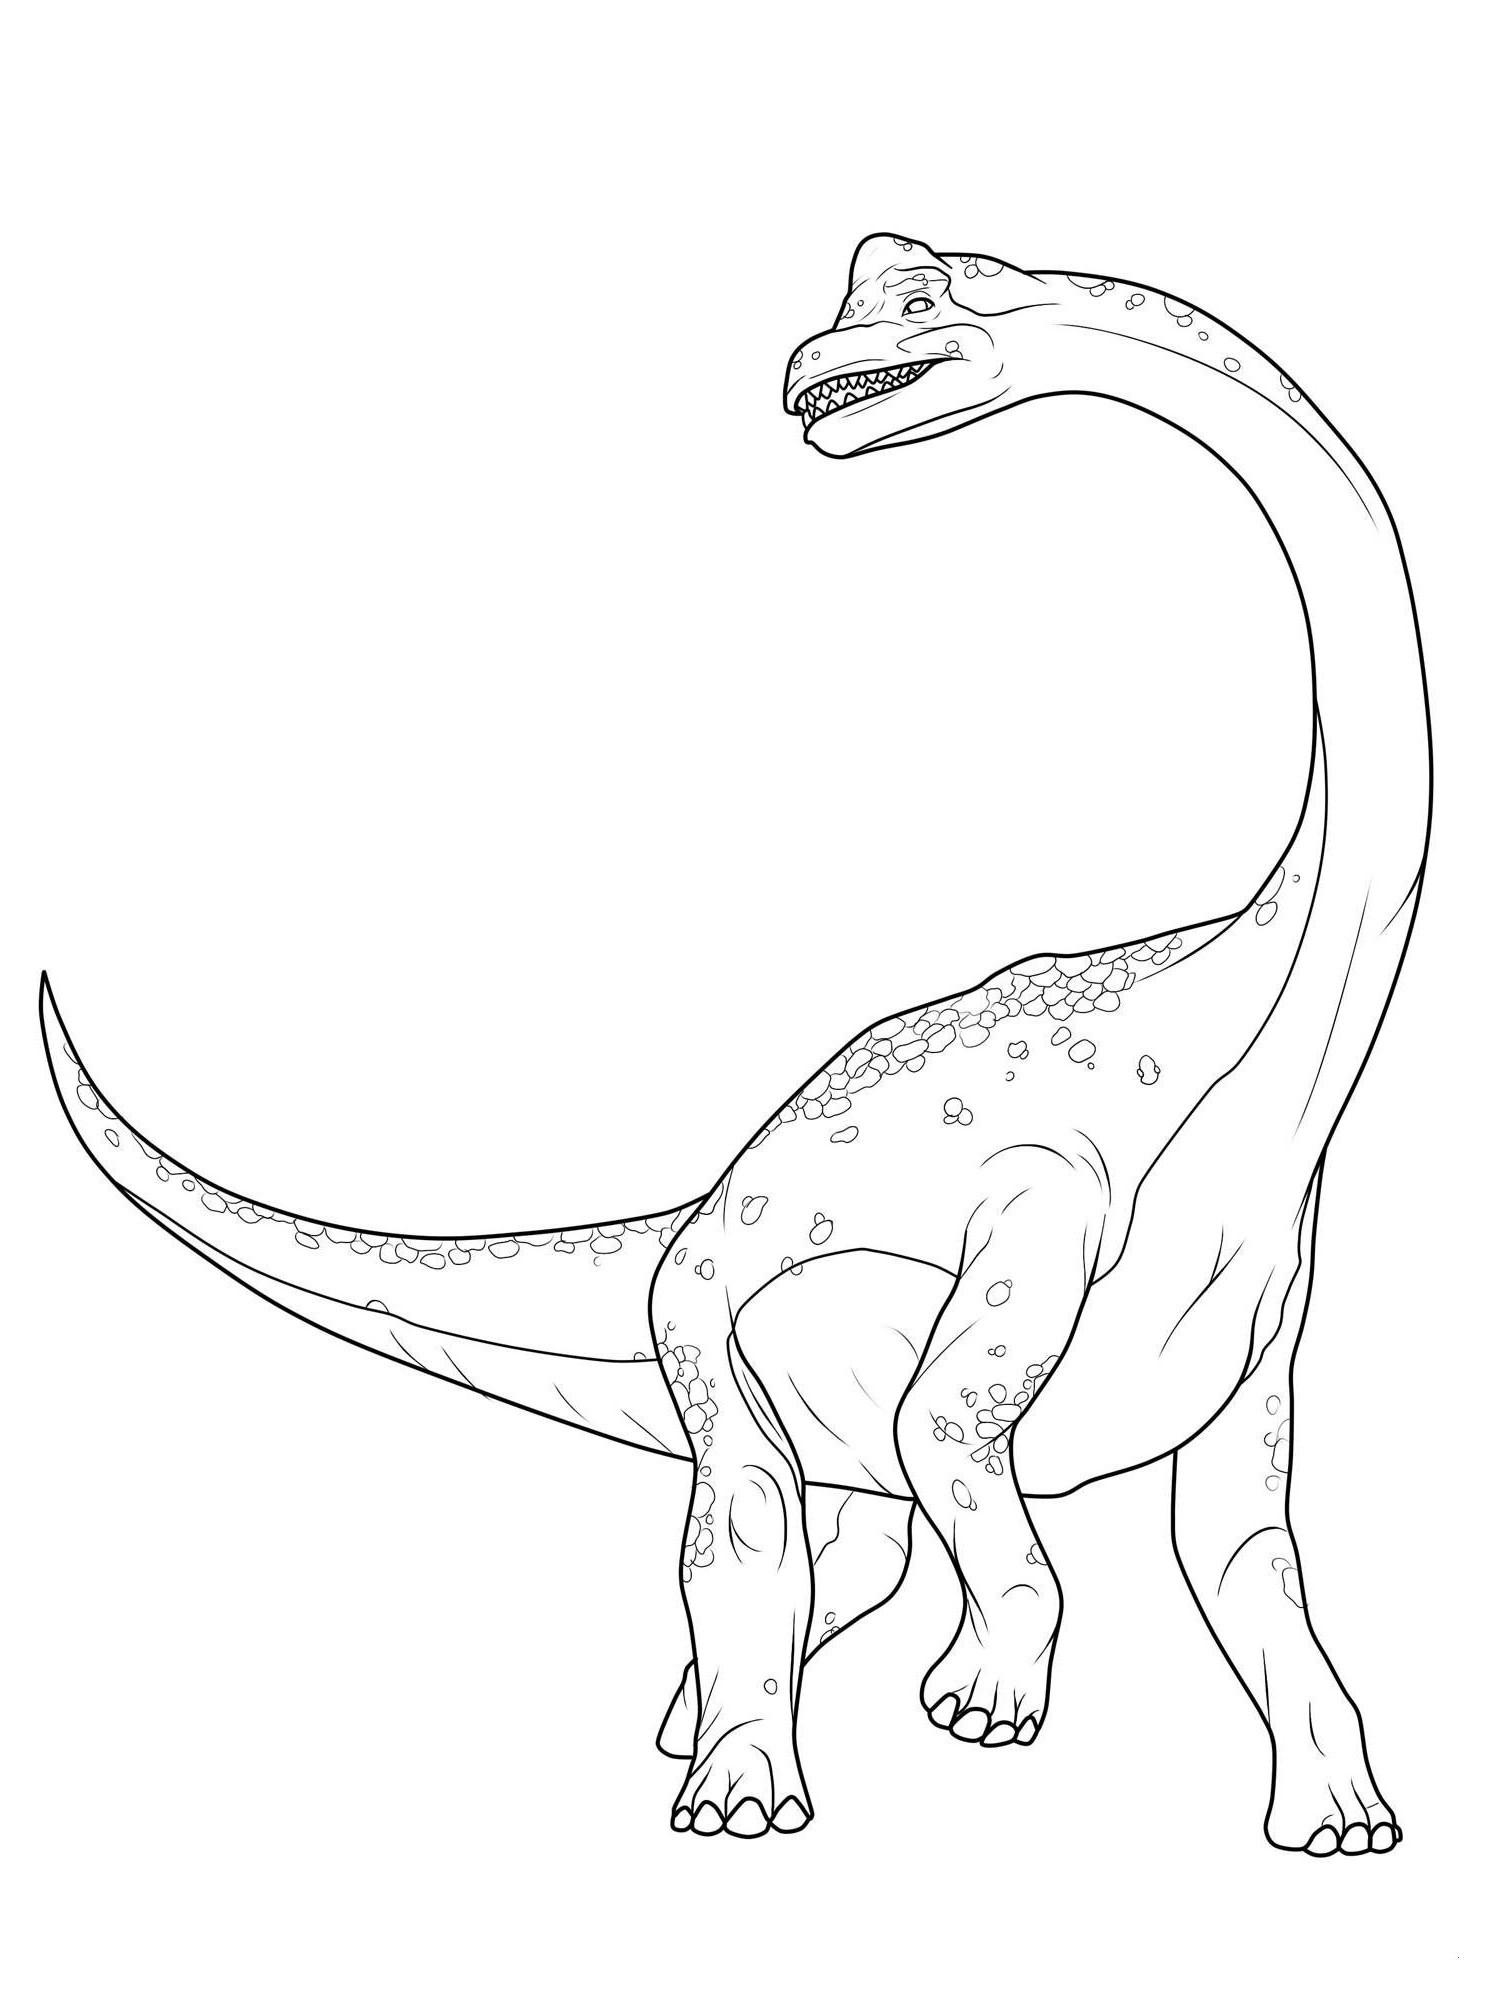 Steinzeit Bilder Zum Ausmalen Genial 27 Luxus Dinosaurier Ausmalbilder – Malvorlagen Ideen Bild